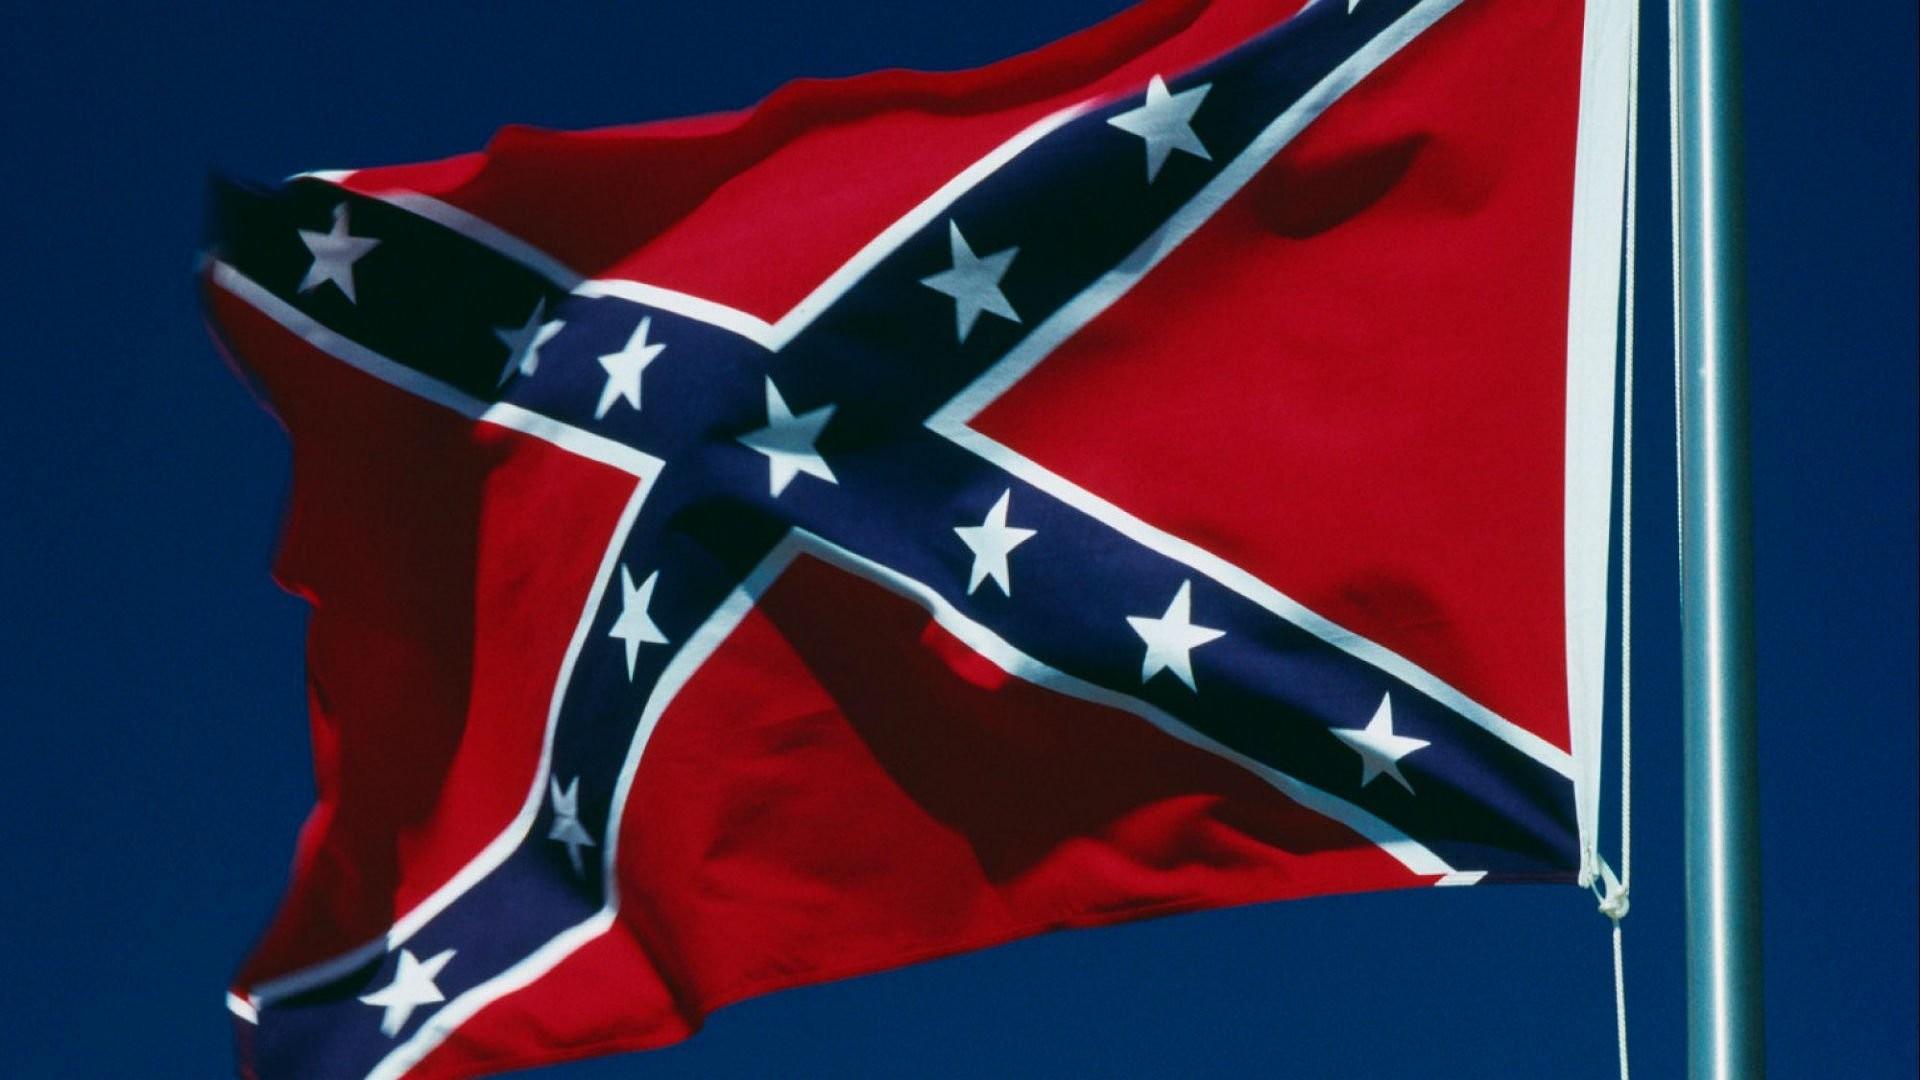 … screensavers and wallpaper wallpapersafari; confederate flag usa  america united states csa civil war rebel …